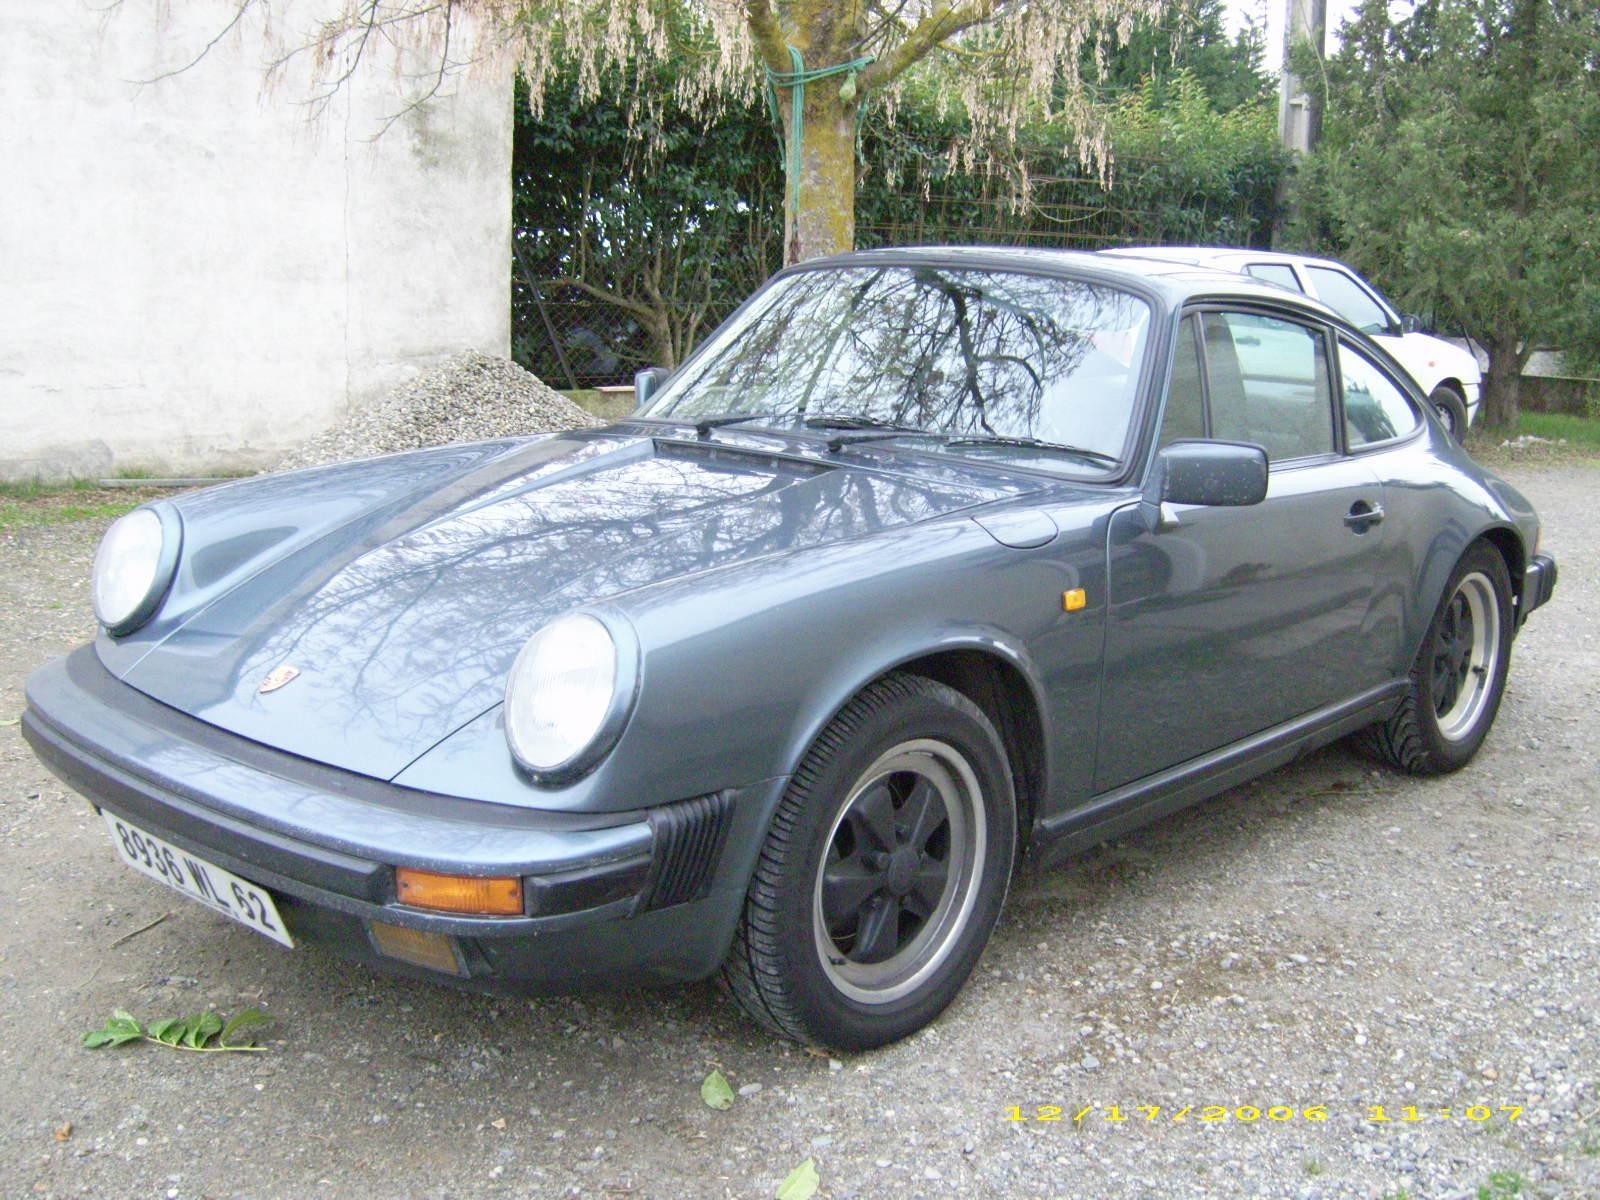 1986 Porsche 944 - User Reviews - CarGurus